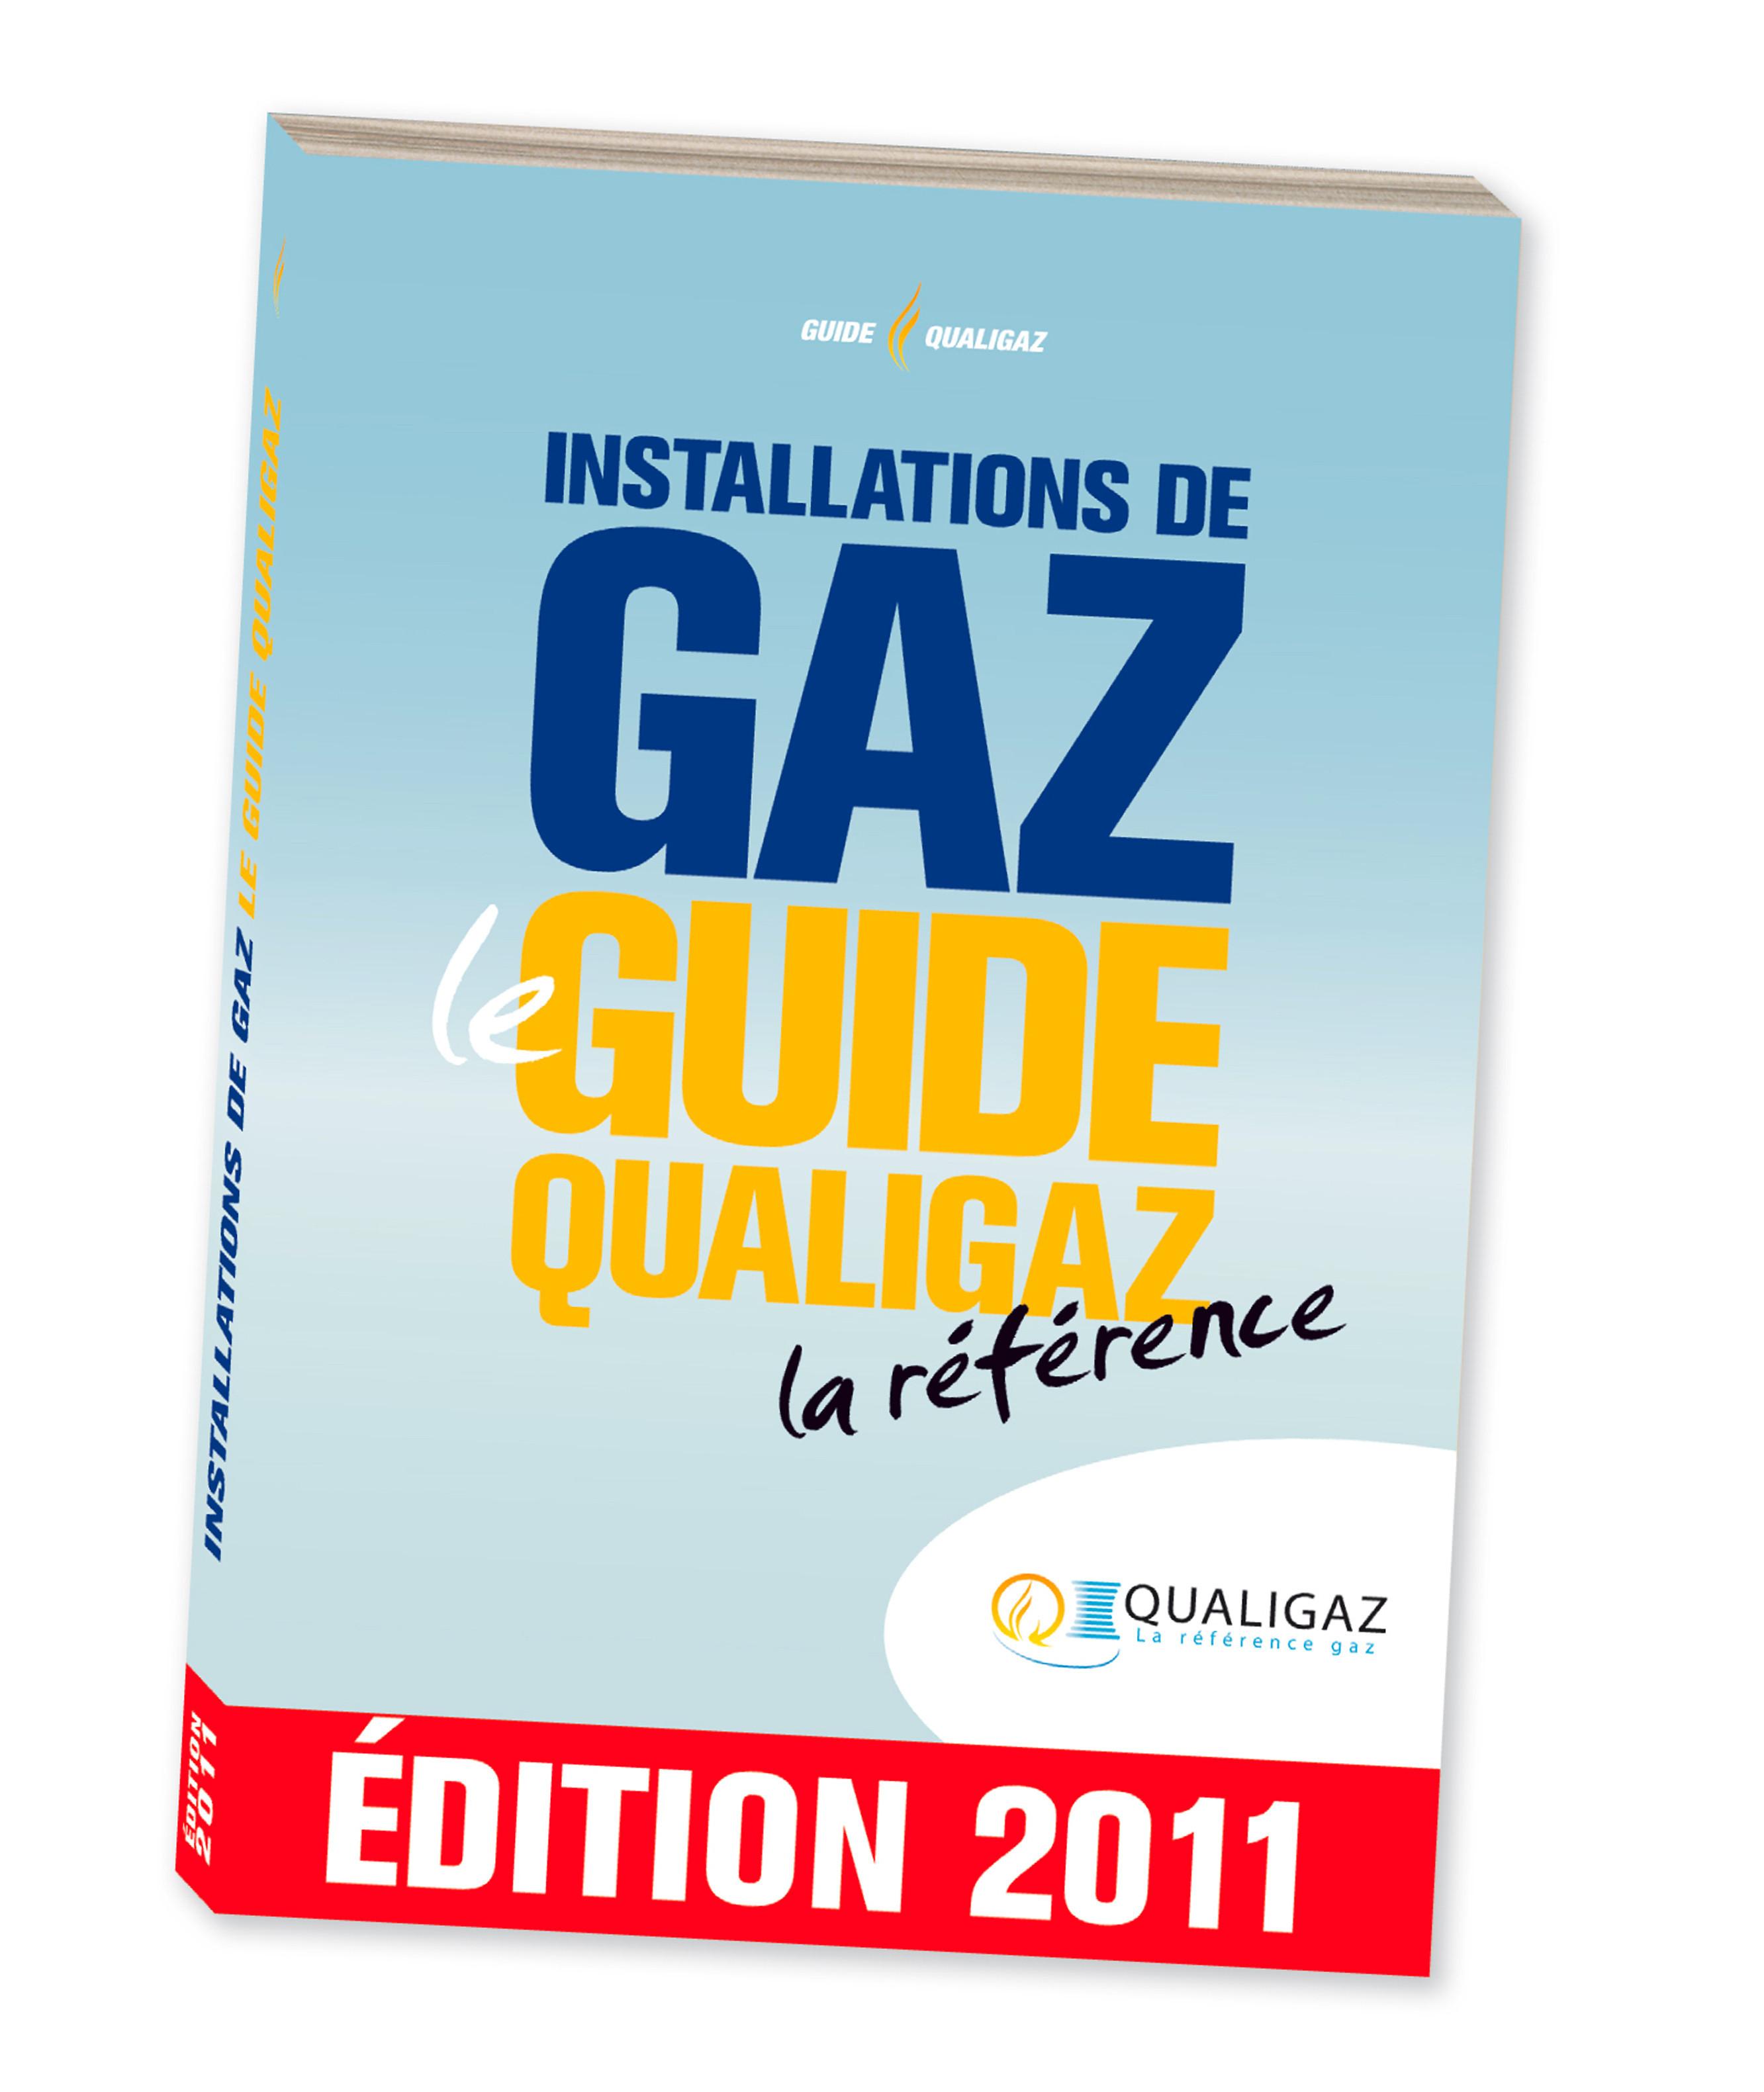 INSTALLATIONS DE GAZ - LE GUIDE QUALIGAZ - LA REFERENCE - EDITION 2011